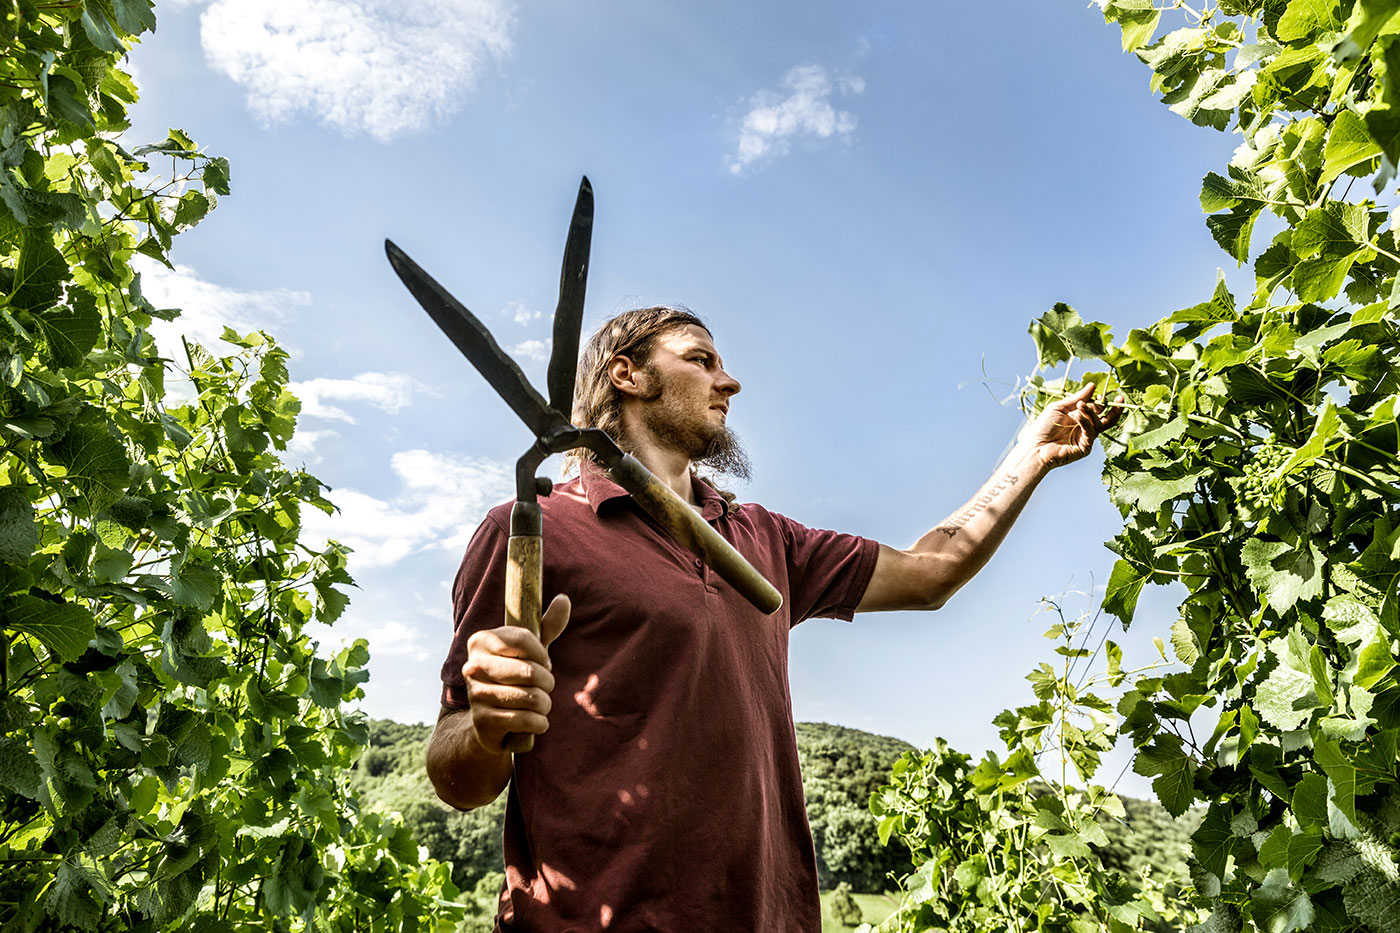 Die_Weinmacher_Franken_Das_Weinjahr_Sommer_Laubarbeiten